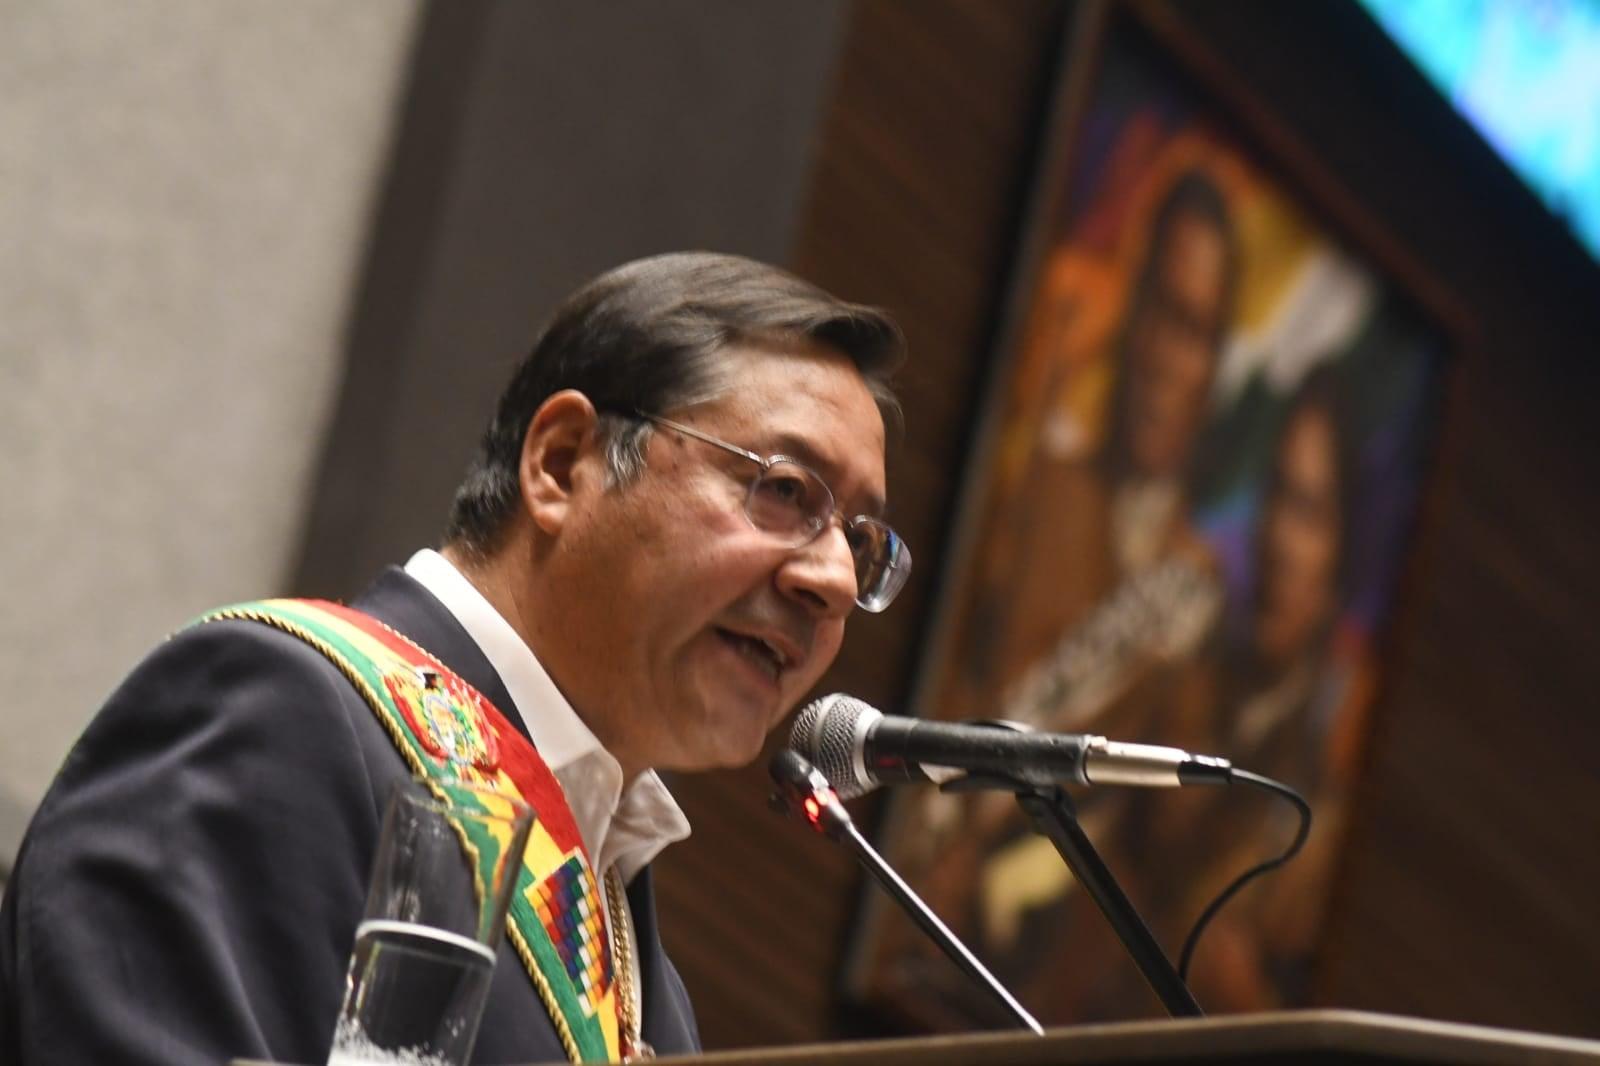 No a la impunidad: Presidente de Bolivia promete «no descansar» en búsqueda de sanciones para responsables del Golpe de Estado de 2019